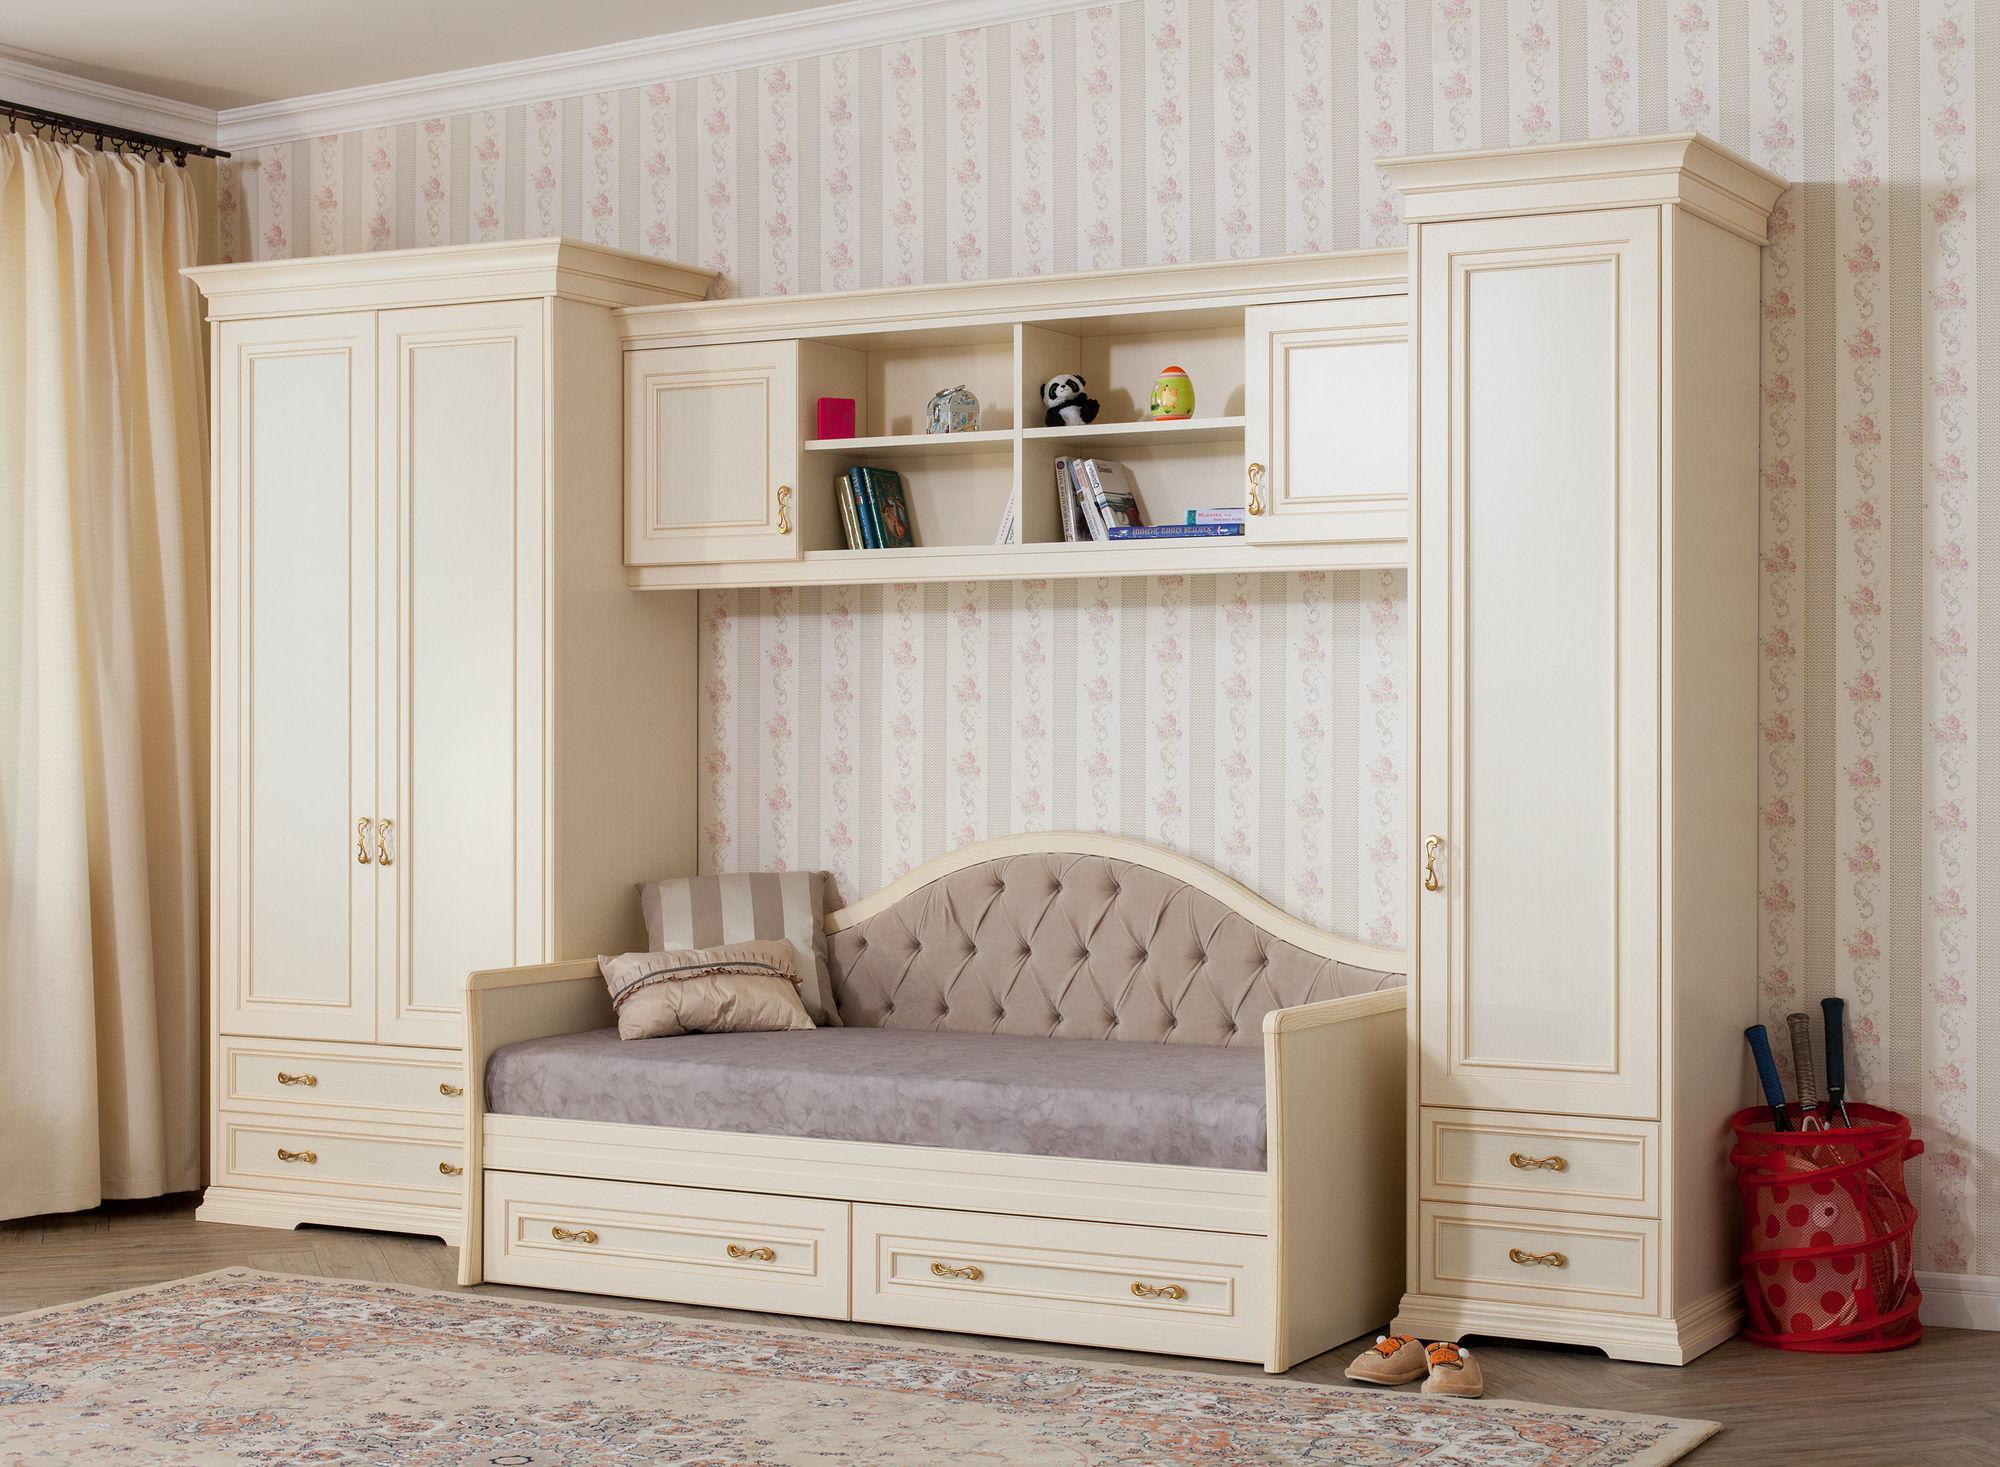 Из чего должна быть изготовлена детская мебель?